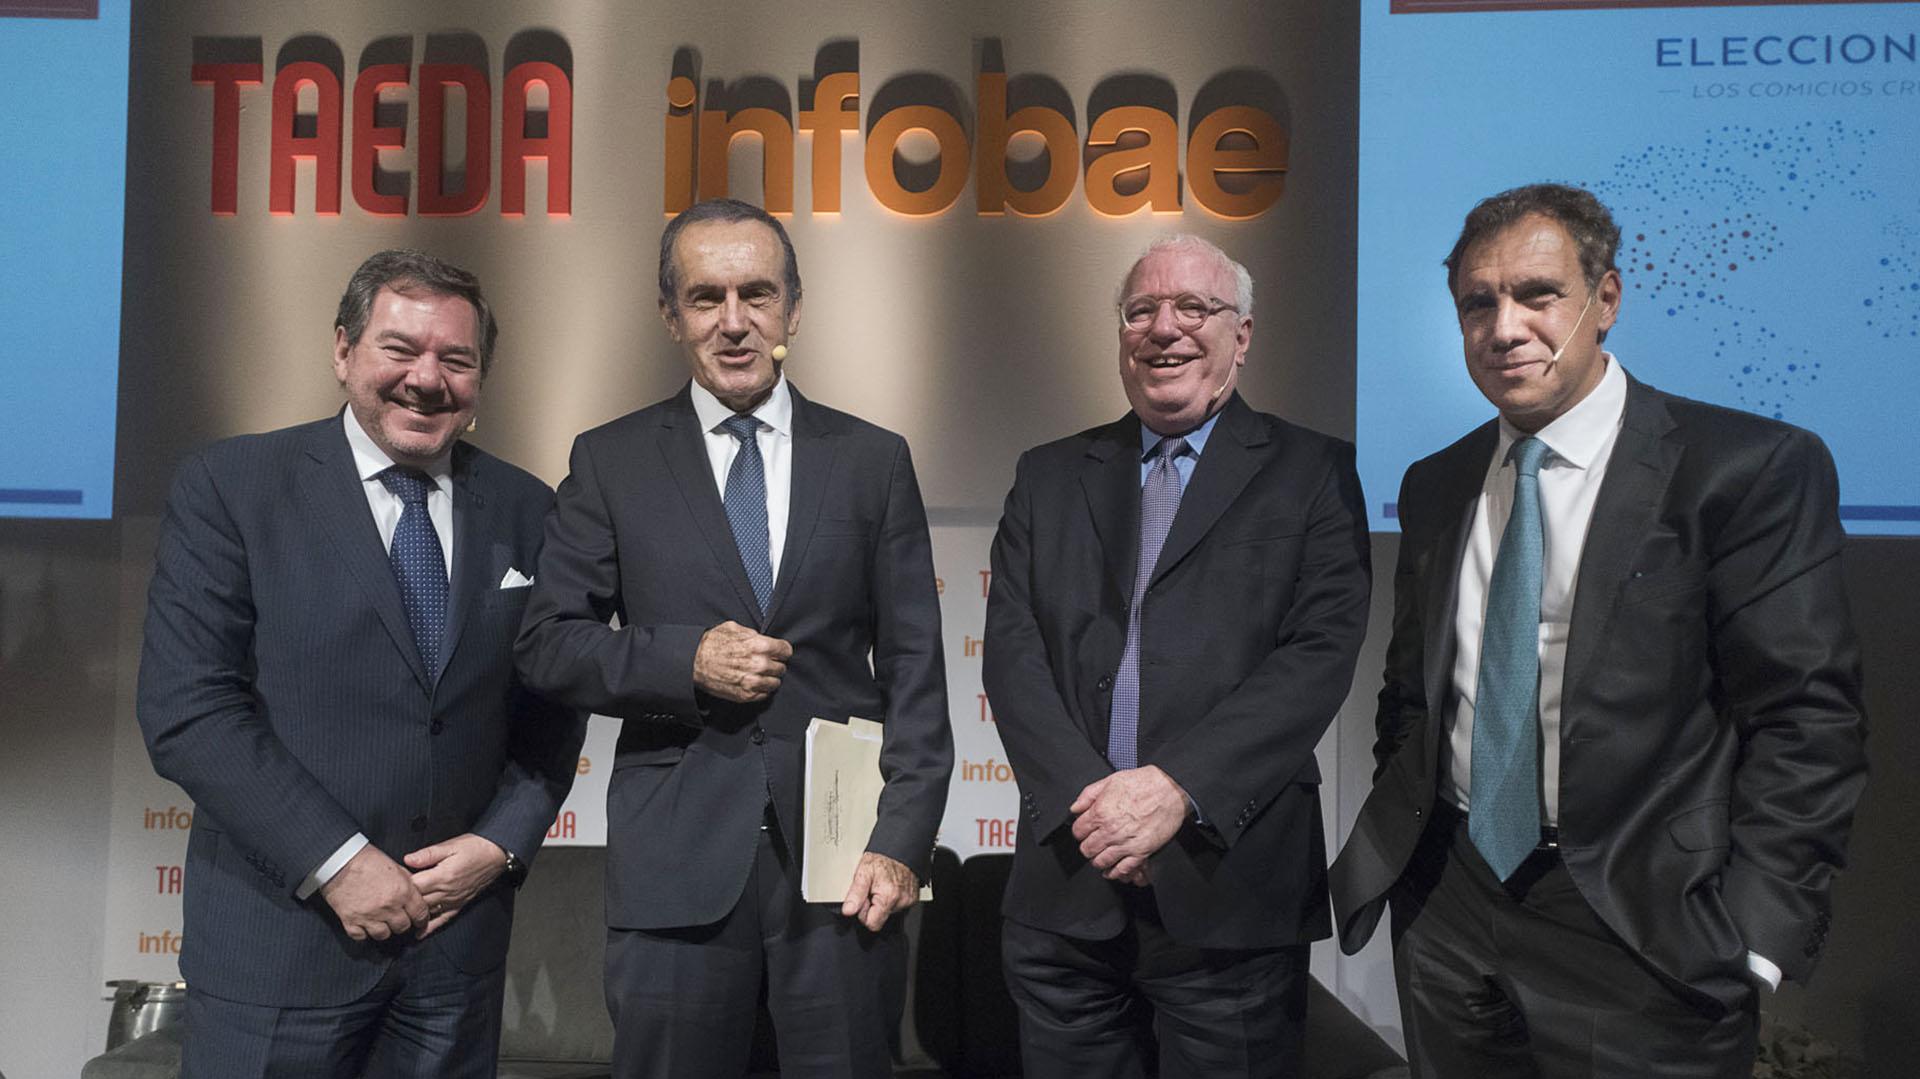 El presidente de la editorial Taeda, Mario Montoto, el periodista Andrés Oppenheimer, el embajador norteamericano Gabriel Guerra Mondragón, y el fundador de Infobae, Daniel Hadad, encabezaron el encuentro.